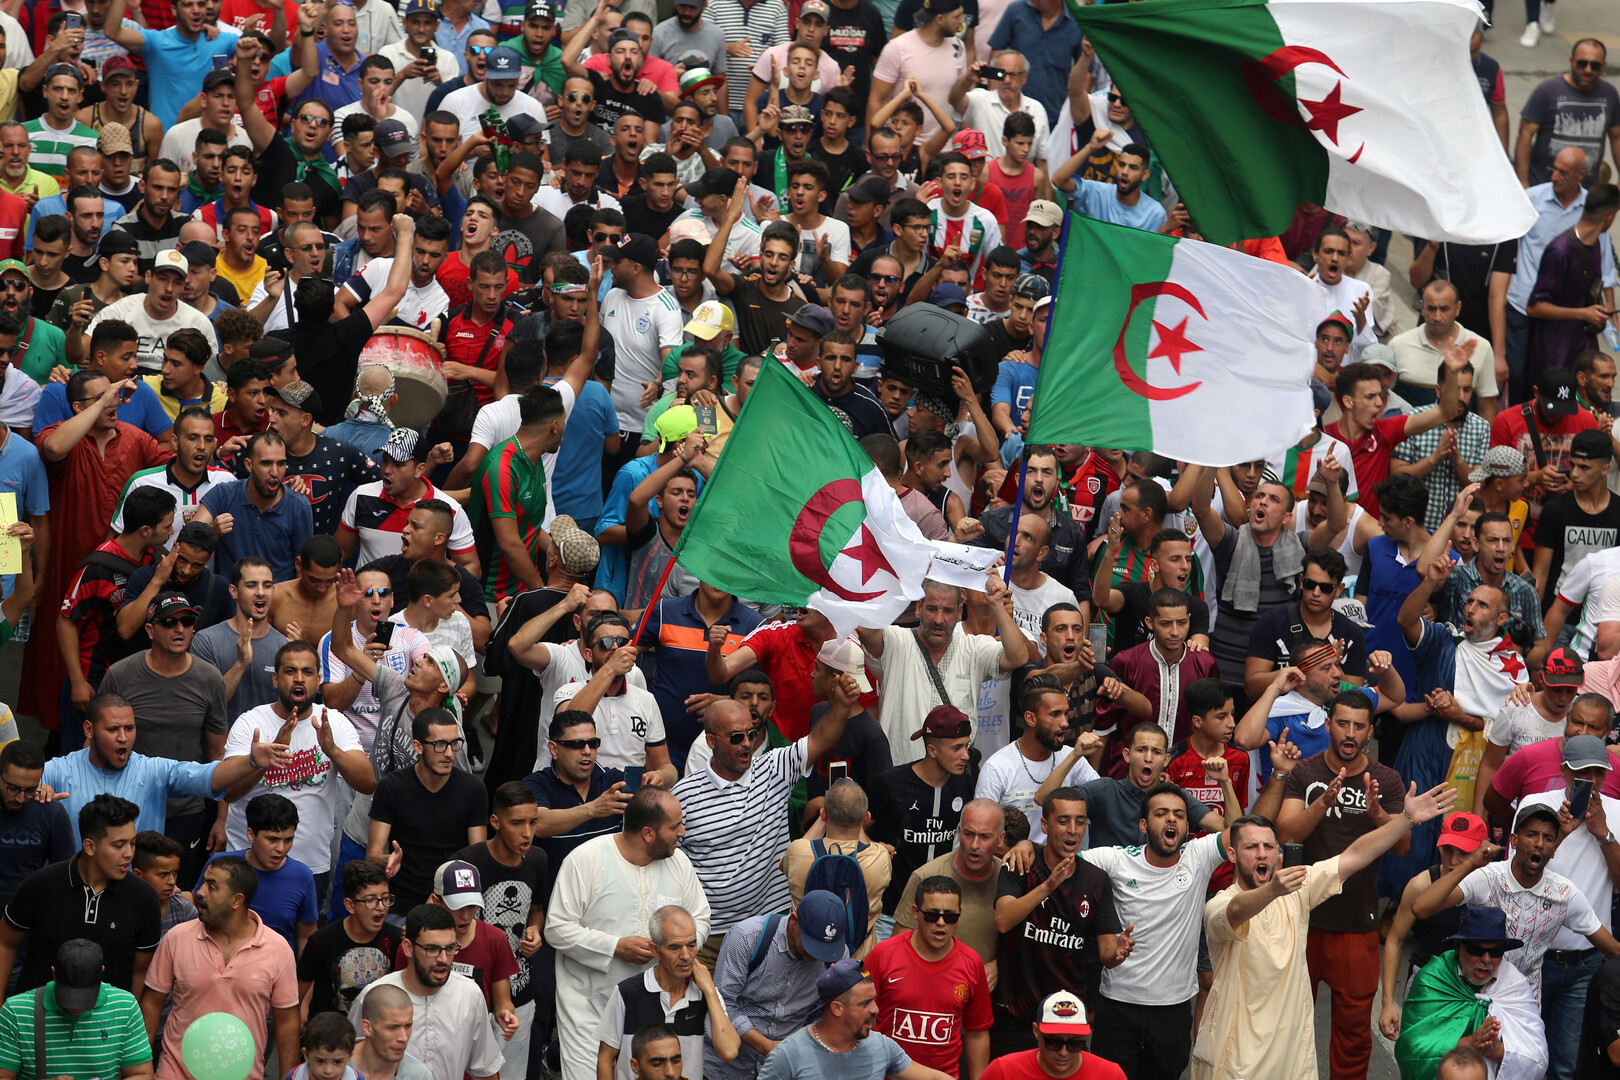 محاكمة تاريخية في الجزائر تطال شخصيات بارزة في عهد بوتفليقة